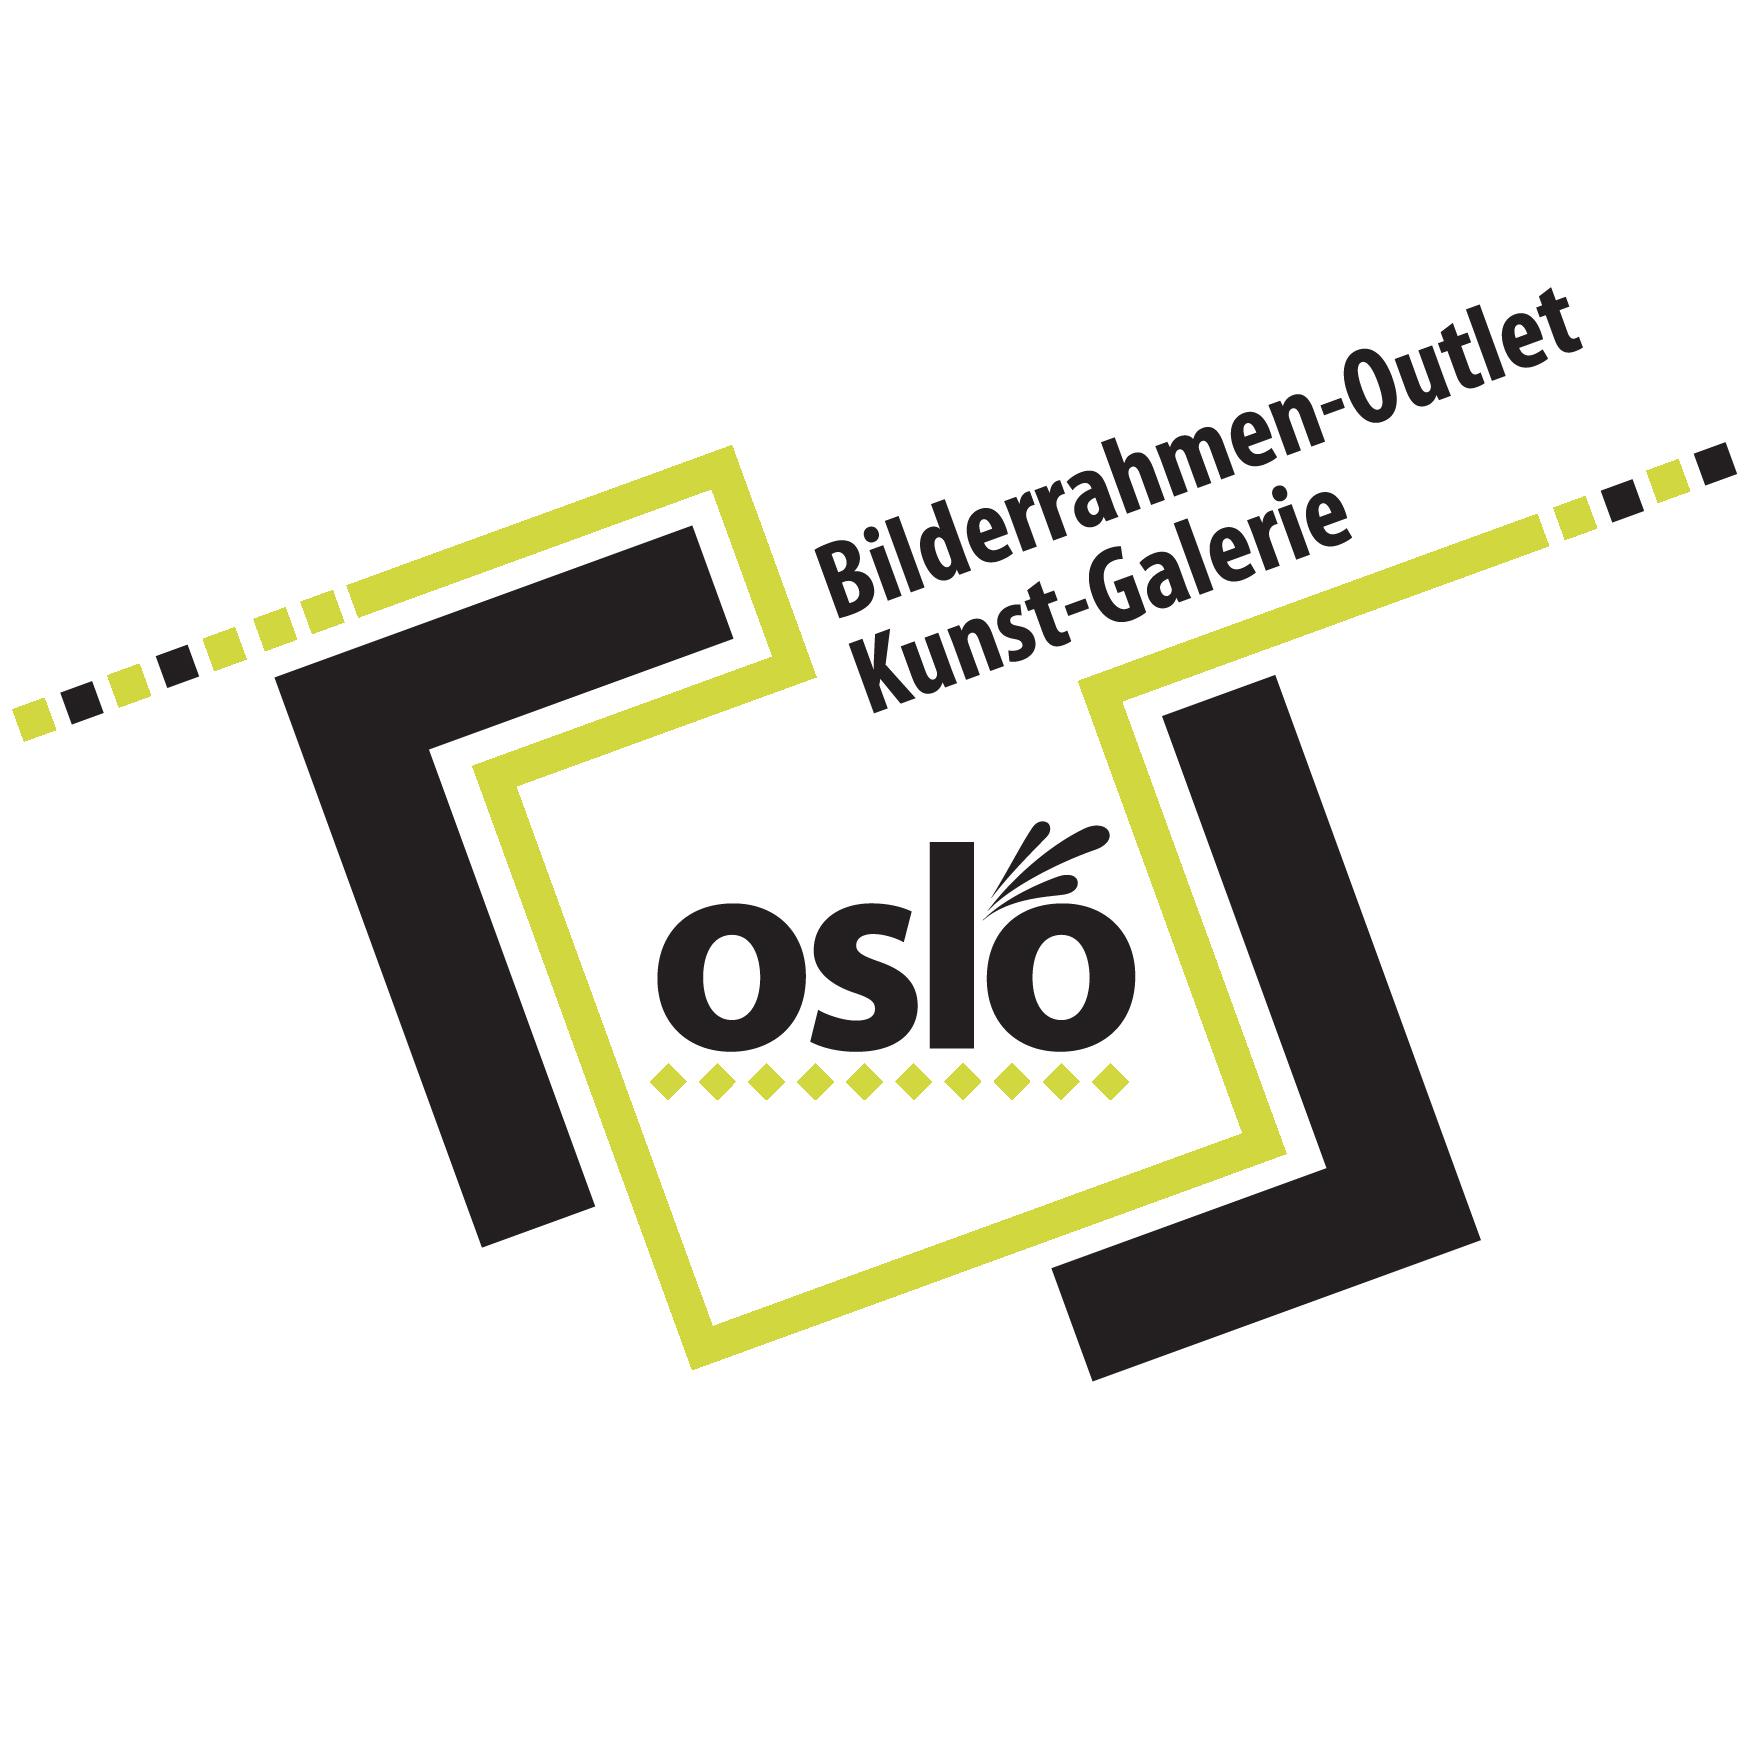 Bilderrahmen-Outlet OSLO